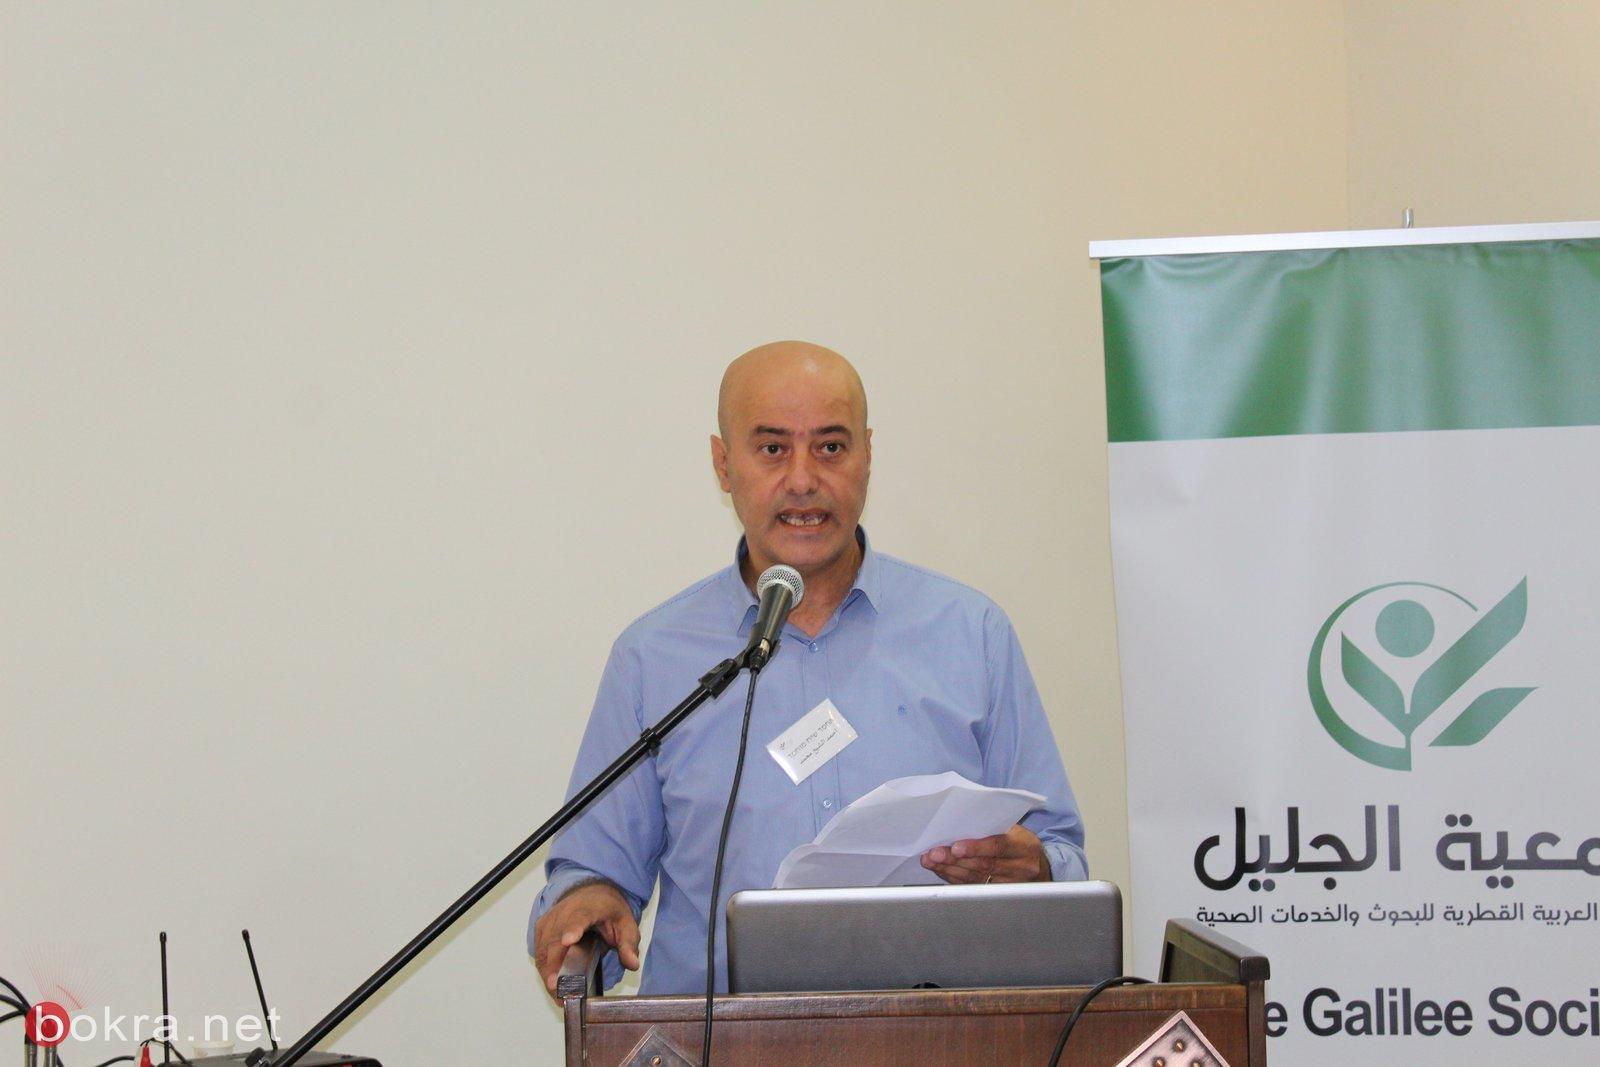 جمعية الجليل تطلق مؤتمرها العلمي السنوي للعام 2019 -6